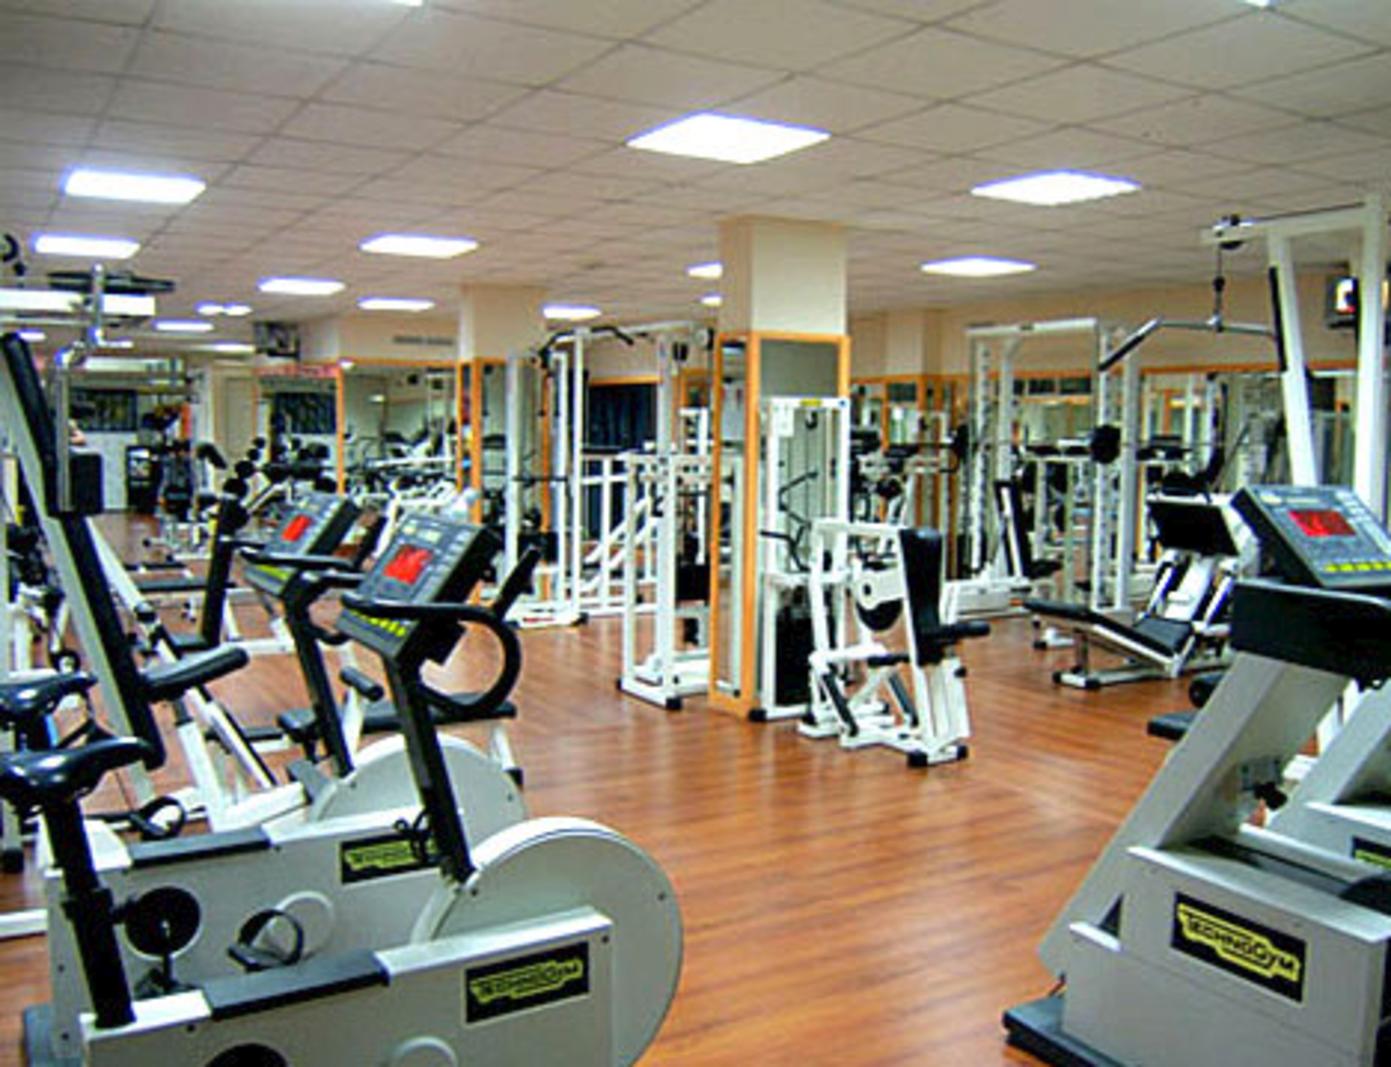 Palestra asc victoria center ve impianti illuminazione led